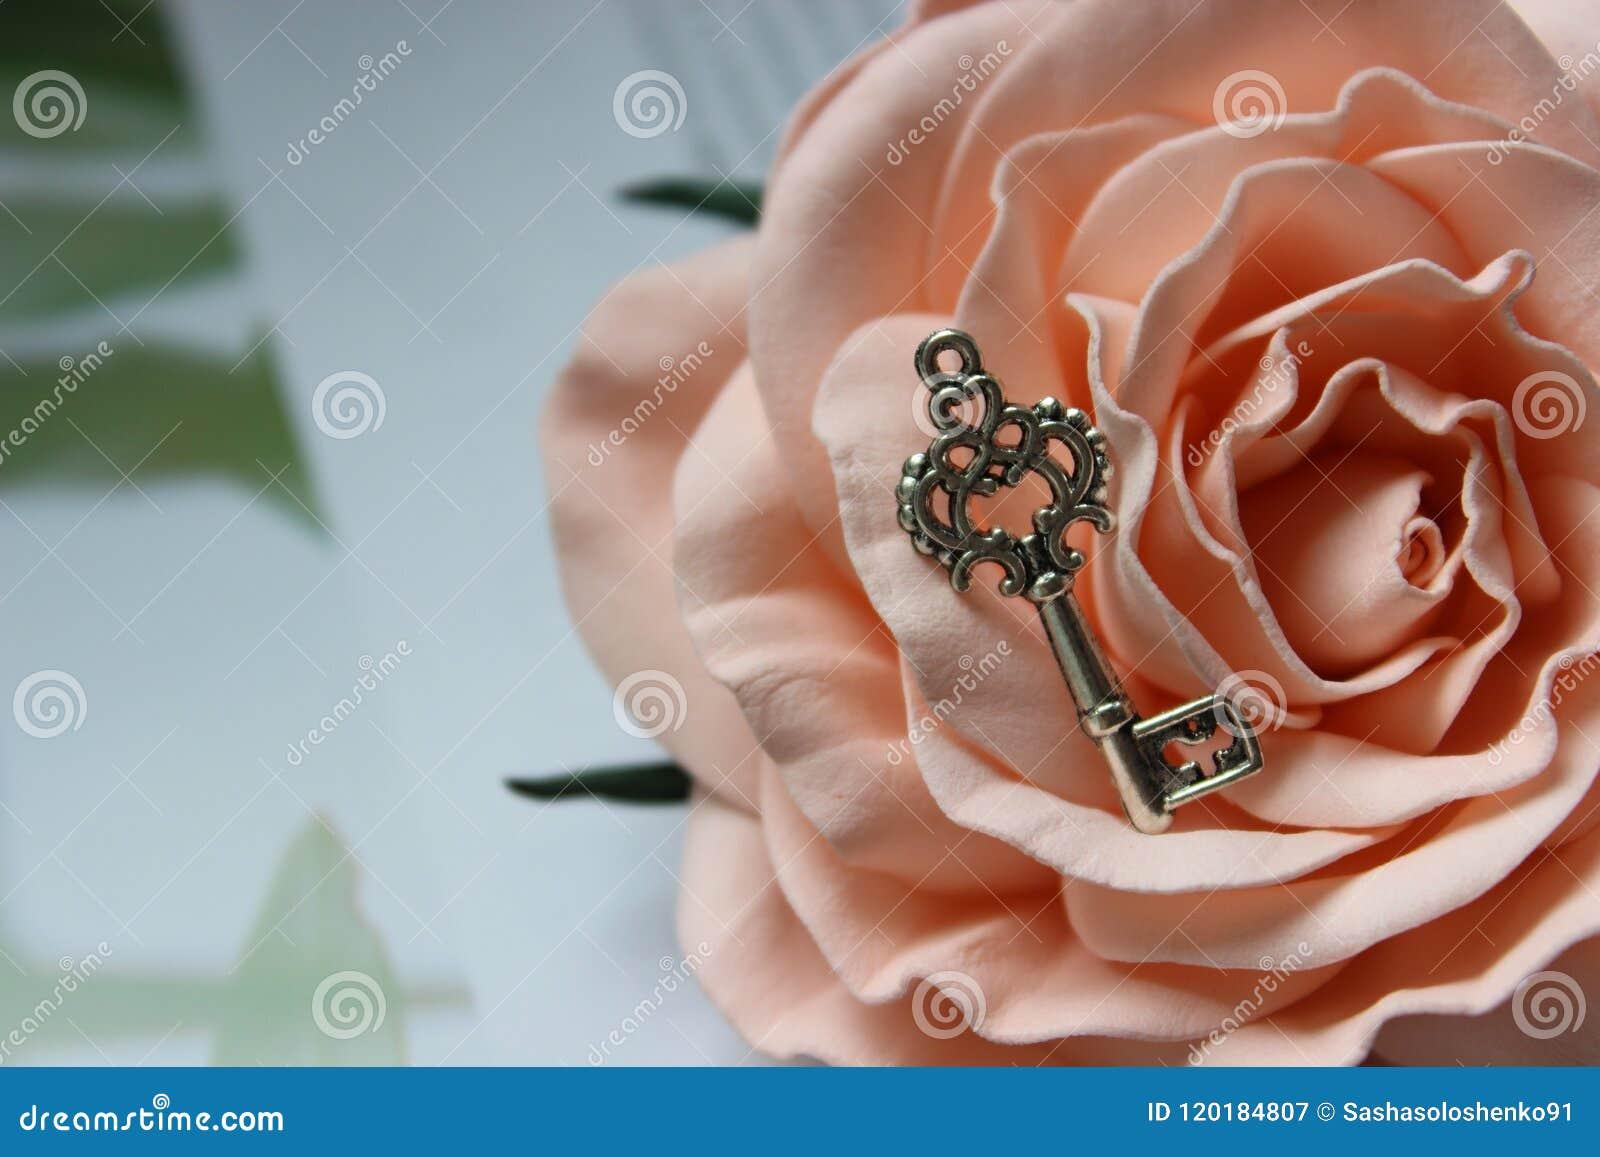 Chiave d argento d annata sul germoglio rosa, retro stile d annata, fuoco selettivo